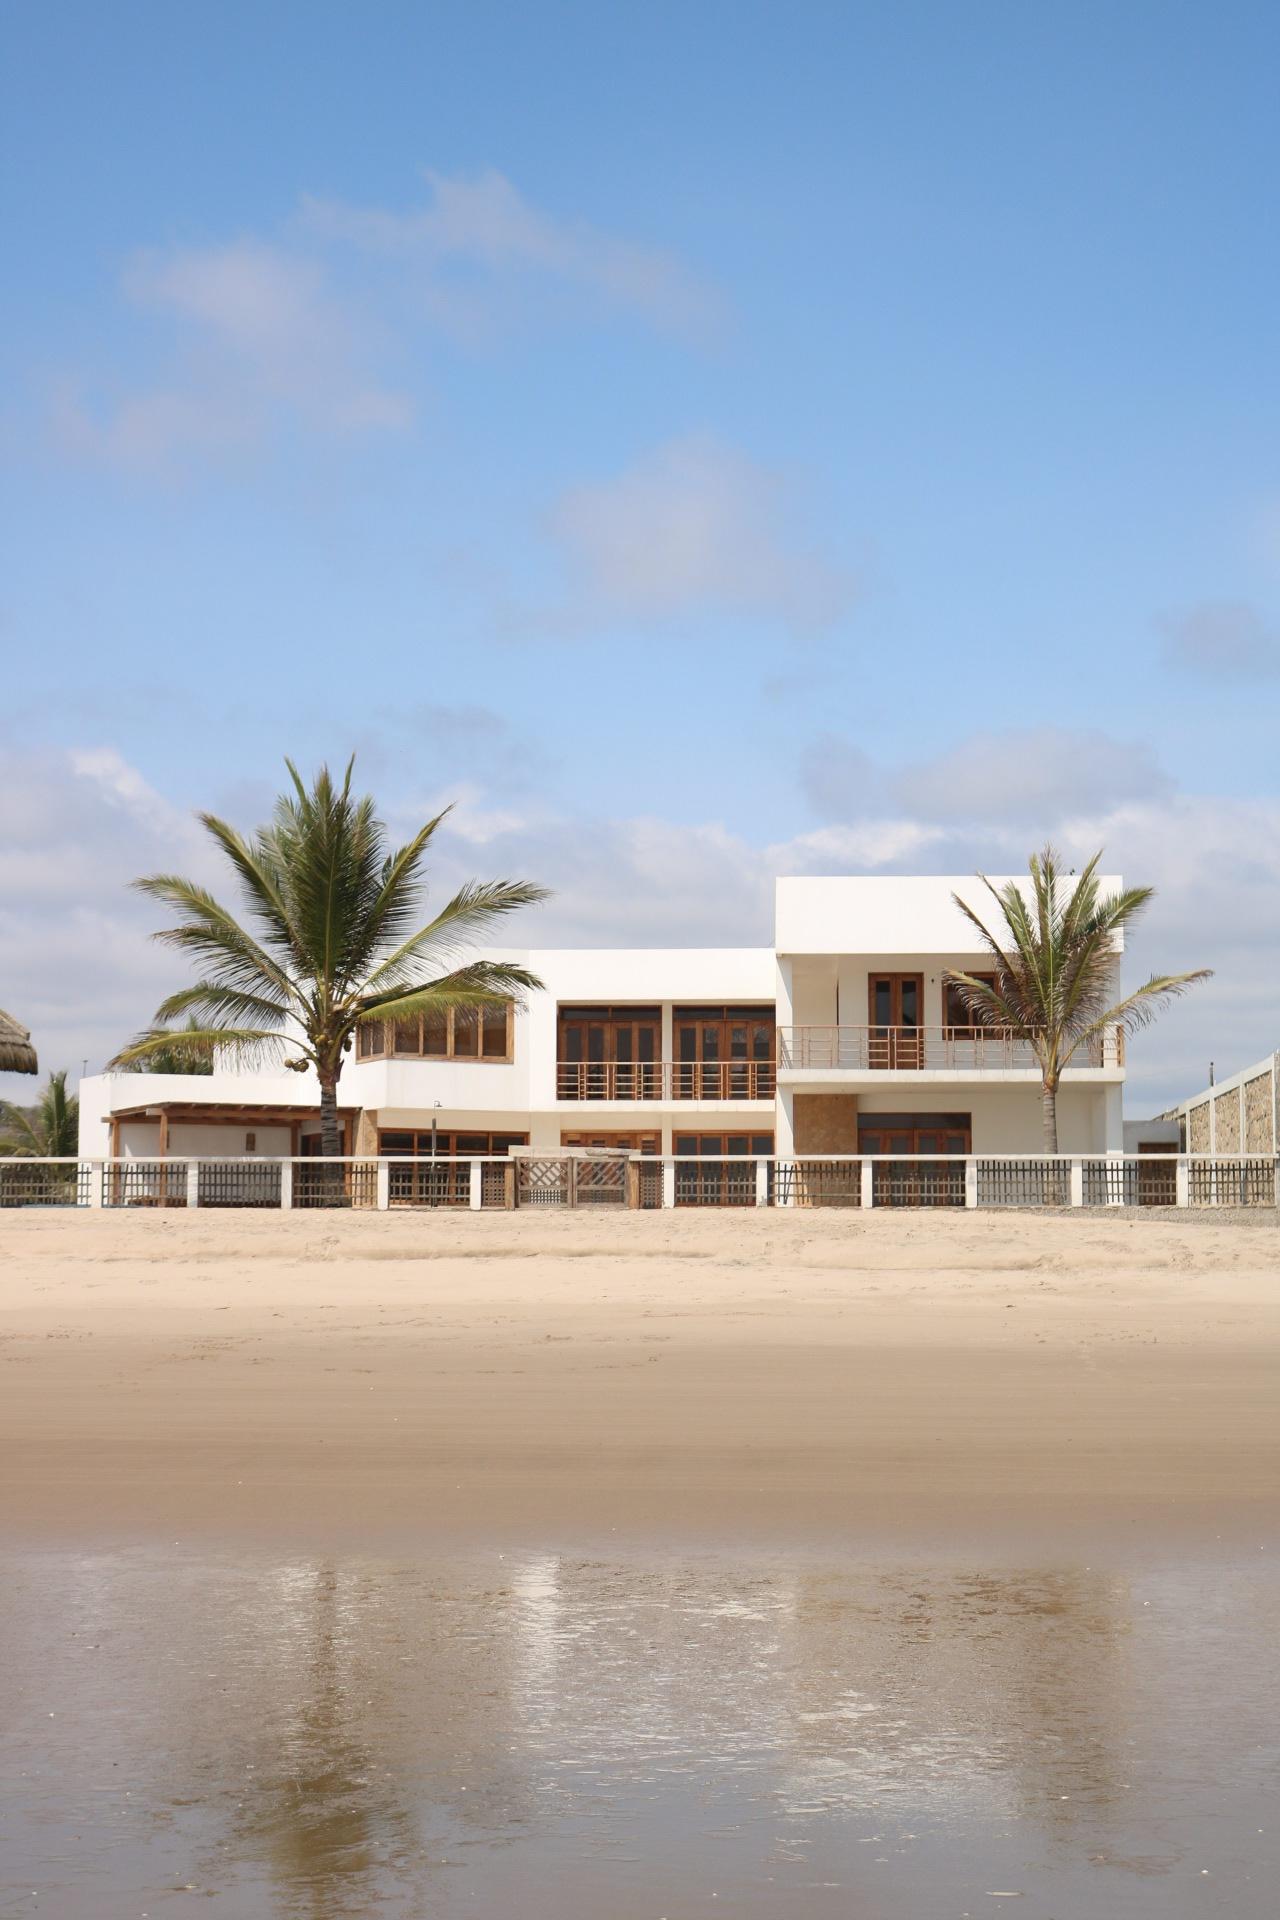 Fotos ir nicas de casas lujosas en las que nadie vive vice - Inmobiliaria marea ...